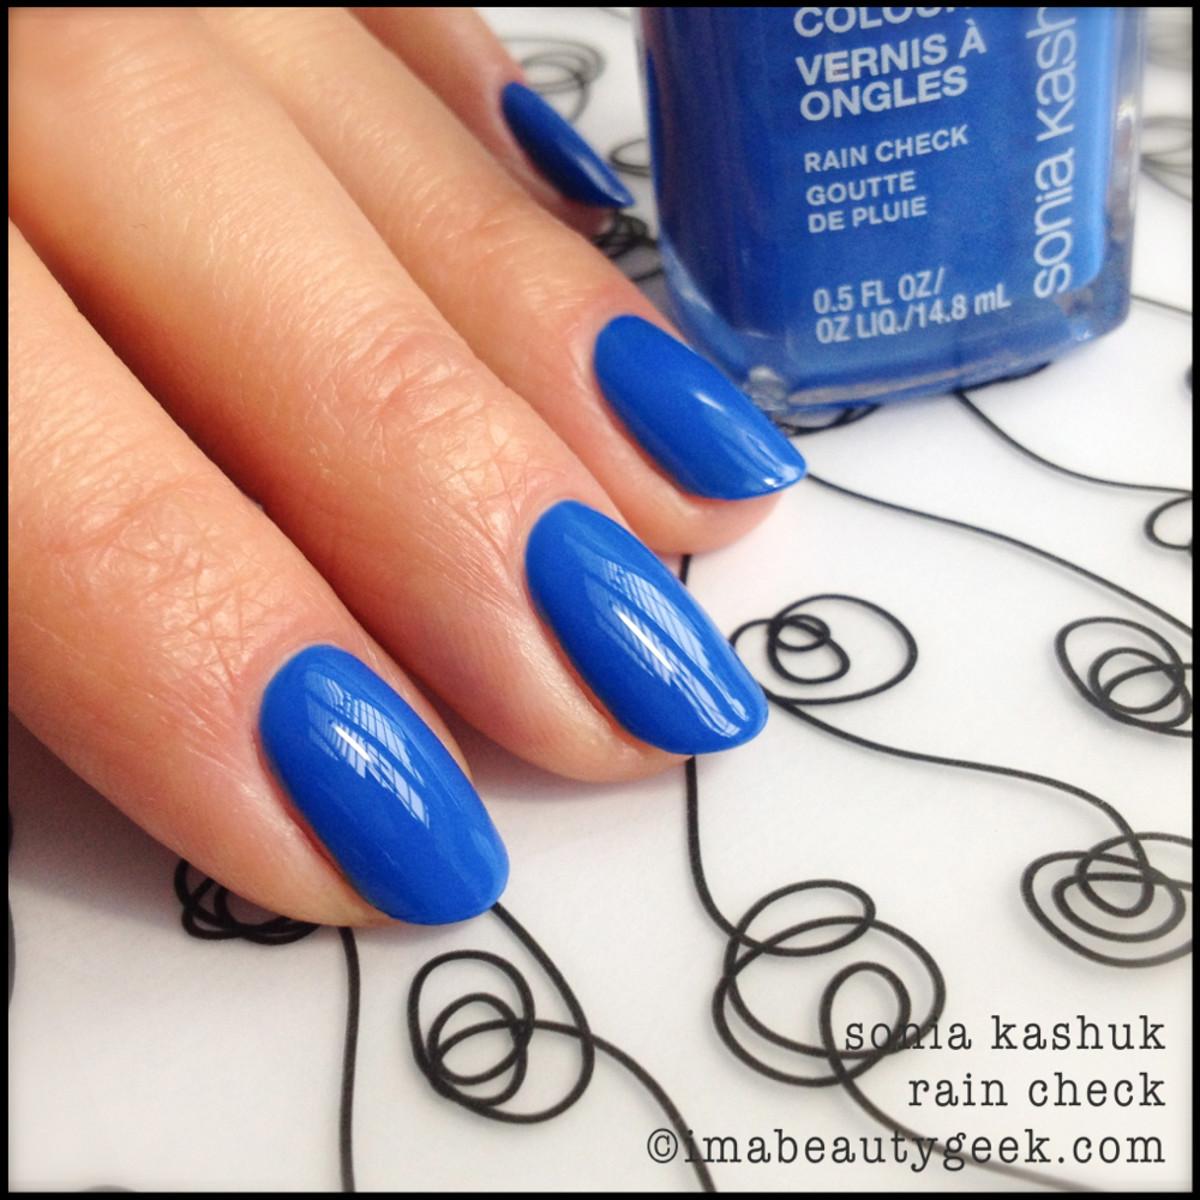 Sonia Kashuk Rain Check_Sonia Kashuk nail polish Spring 2014